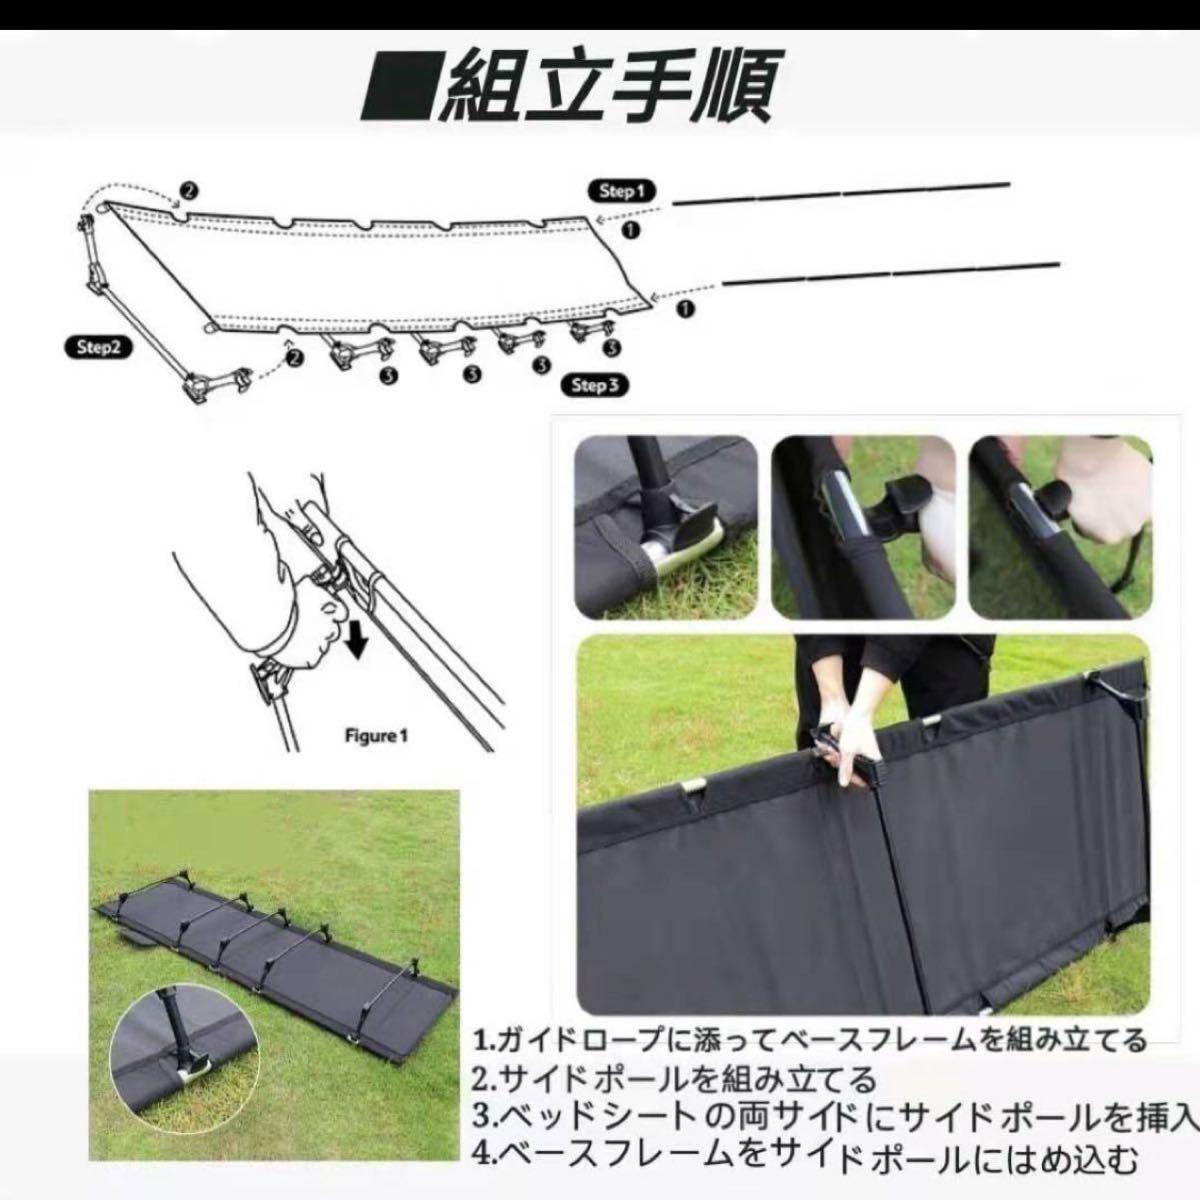 折りたたみベッド 持ち運びやすい アウトドア ベッド 折りたたみ